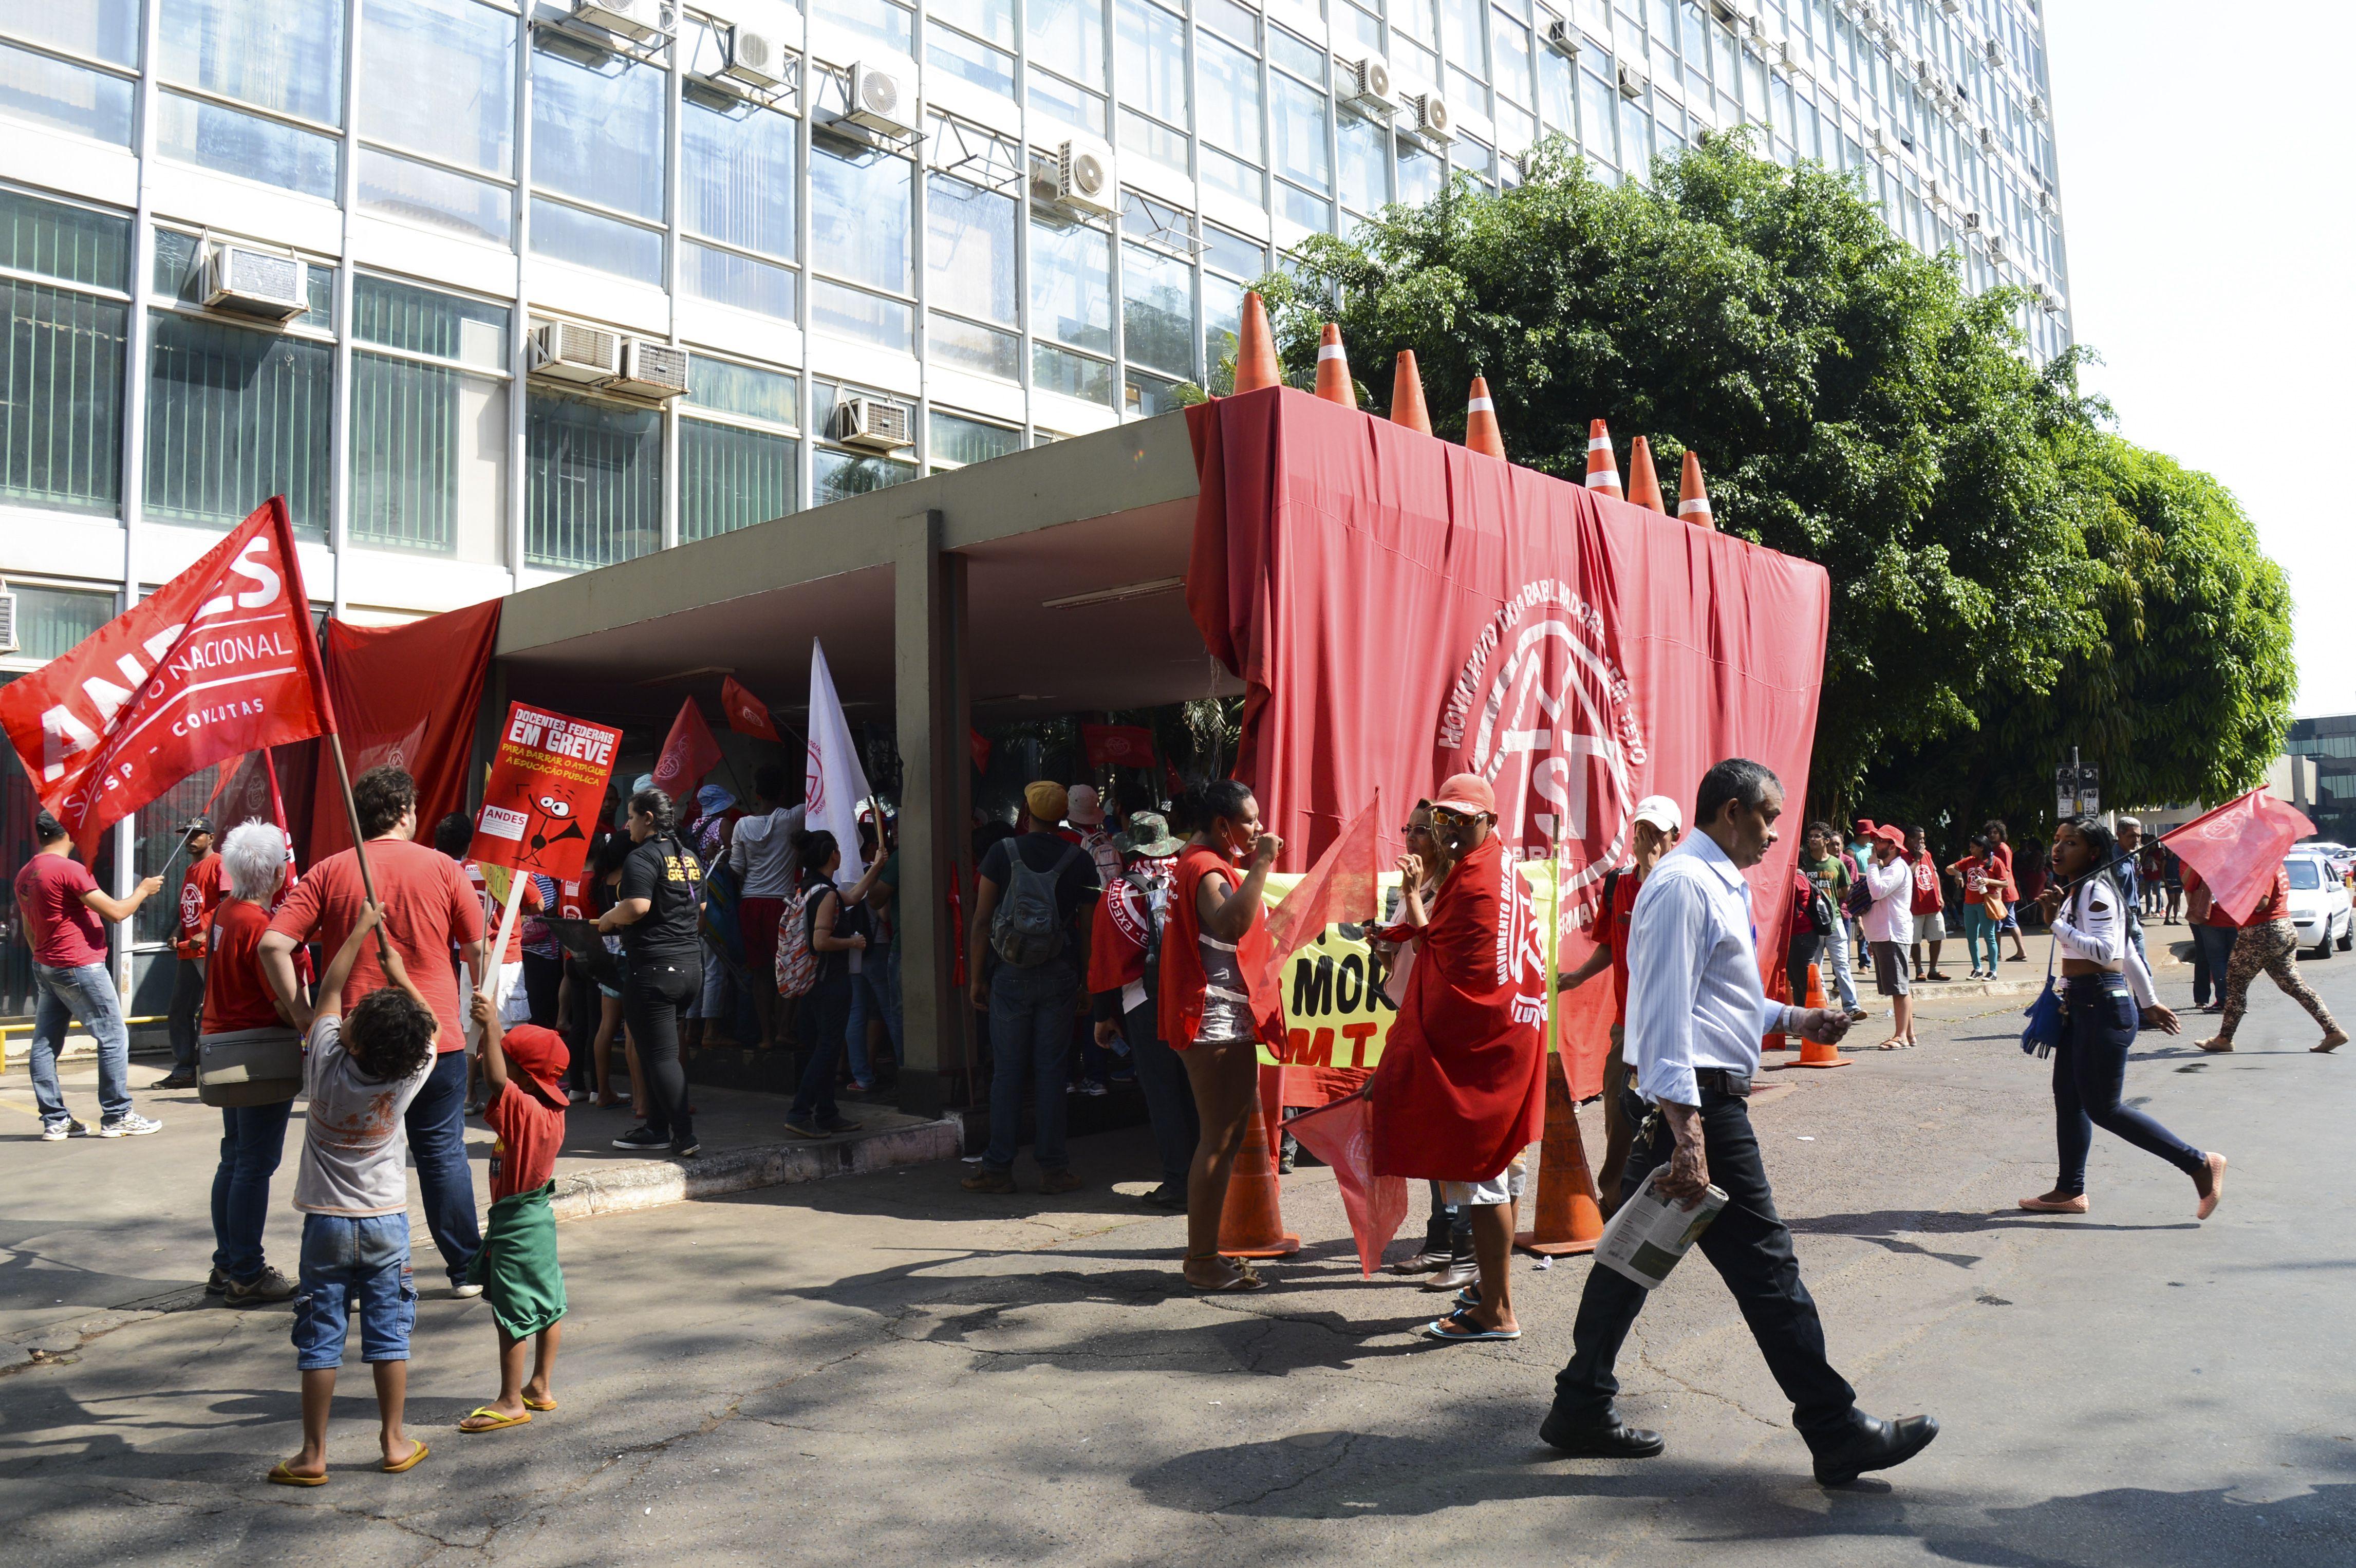 Manifestantes de movimentos sociais, tentam invadir o prédio do Ministério da Fazenda, em Brasília (Elza Fiuza/Agência Brasil)